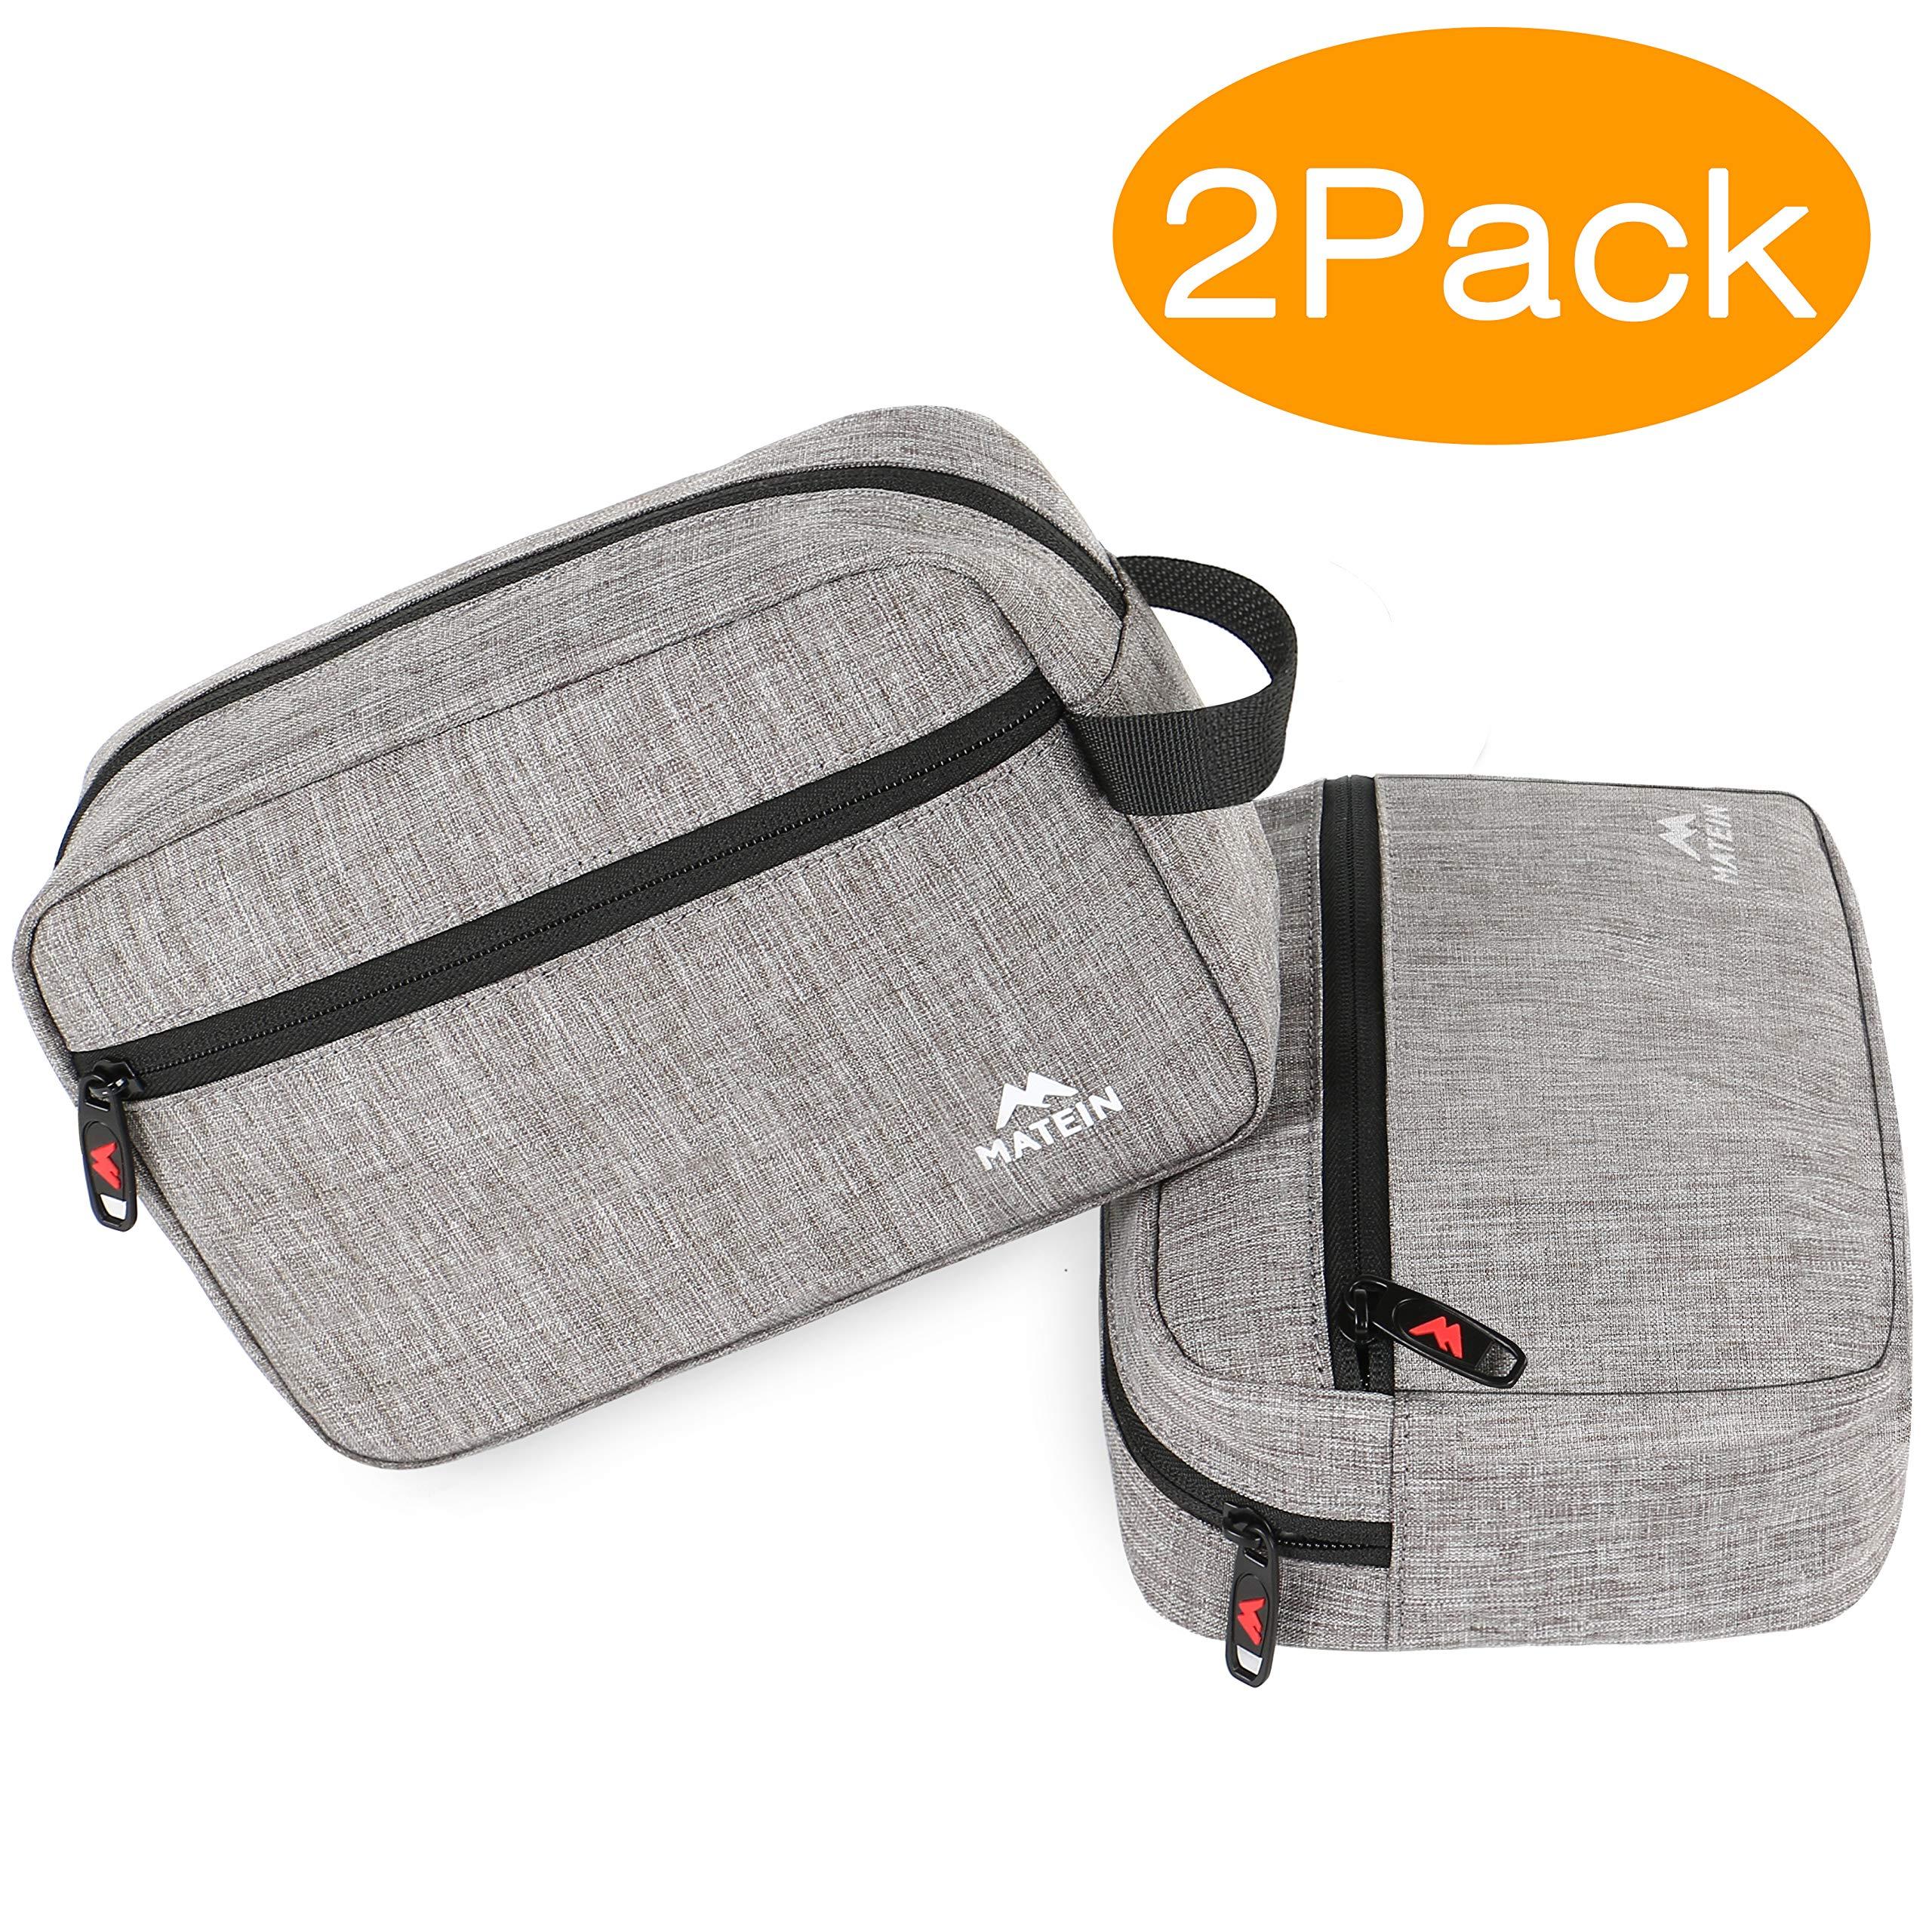 MATEIN Dopp Kit, (2 Packs) Travel Toiletry Bag Travel Kit Bag Canvas Shaving Bag, Toiletry Organizer for Men with TSA approved